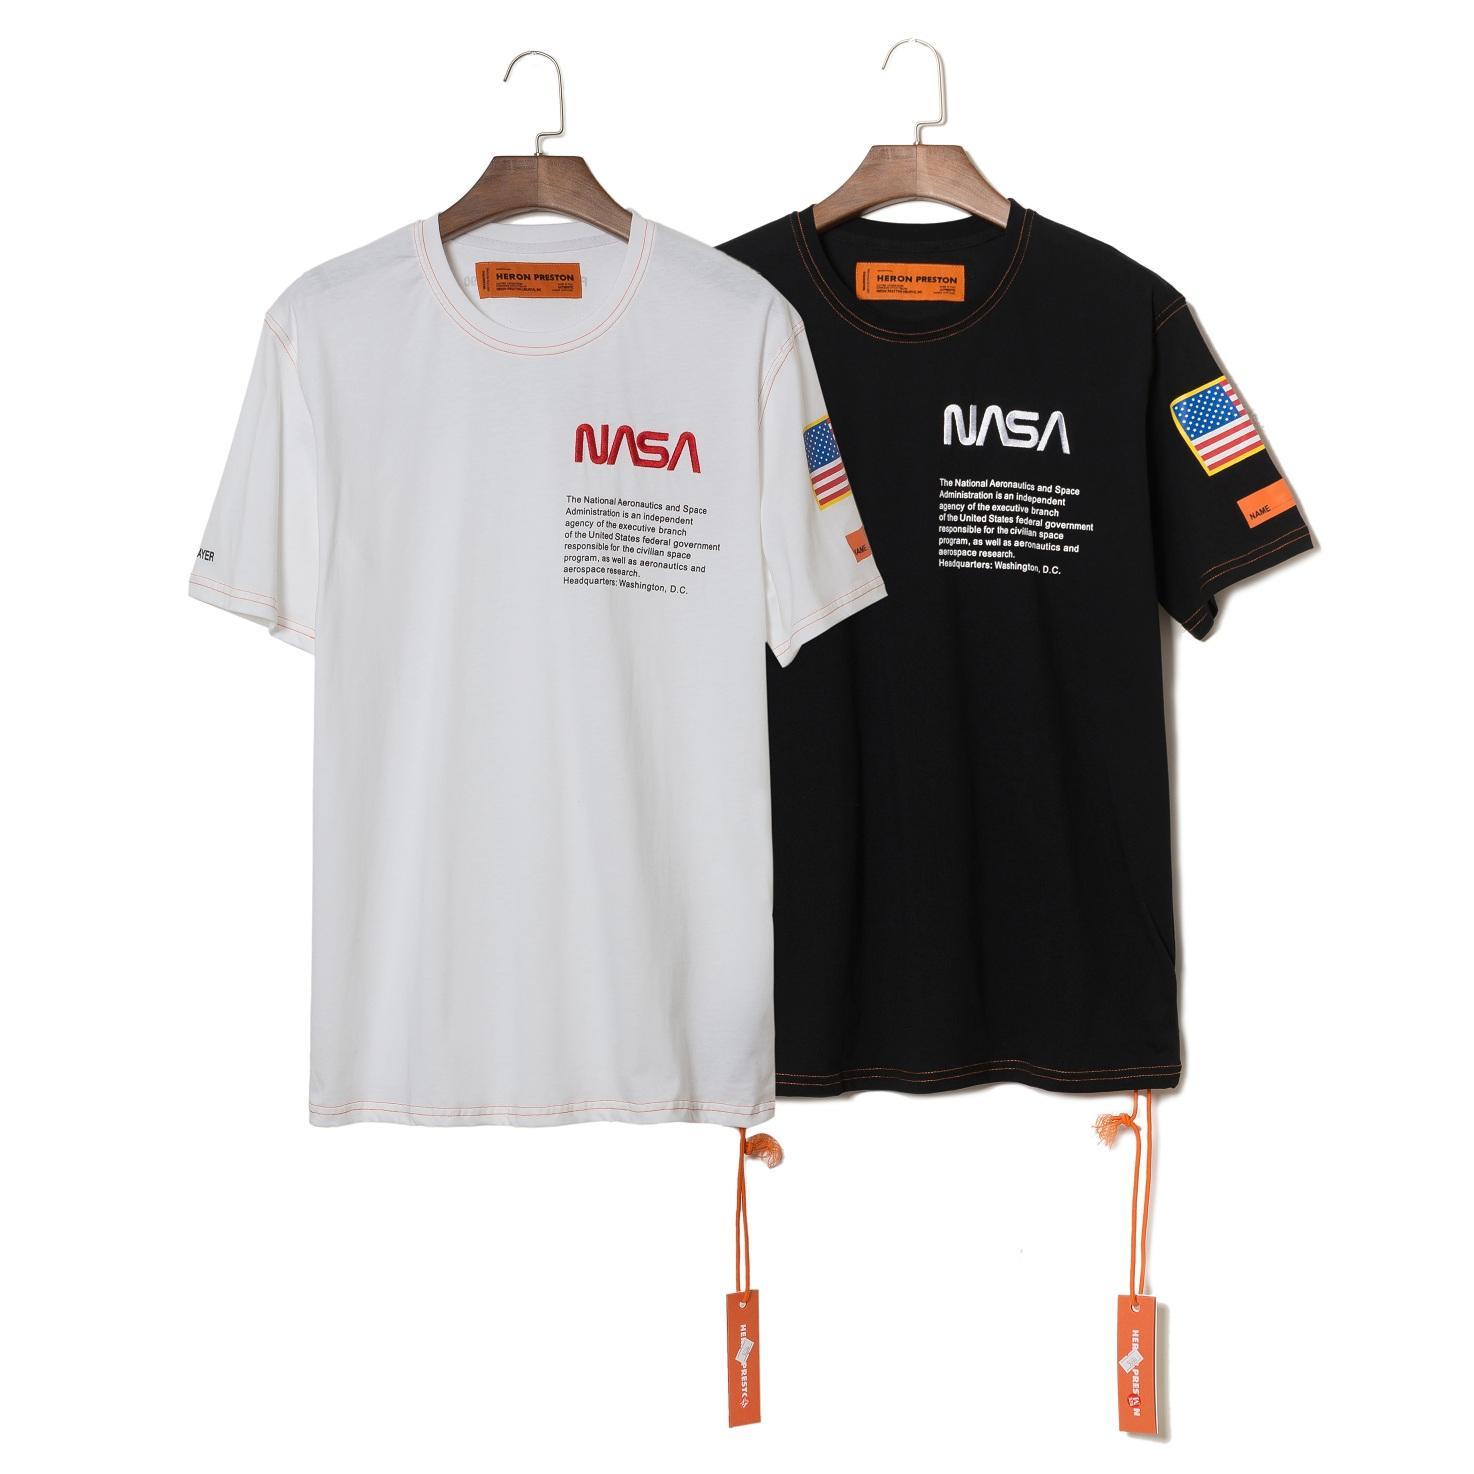 T Shirt Design Maker Free Software